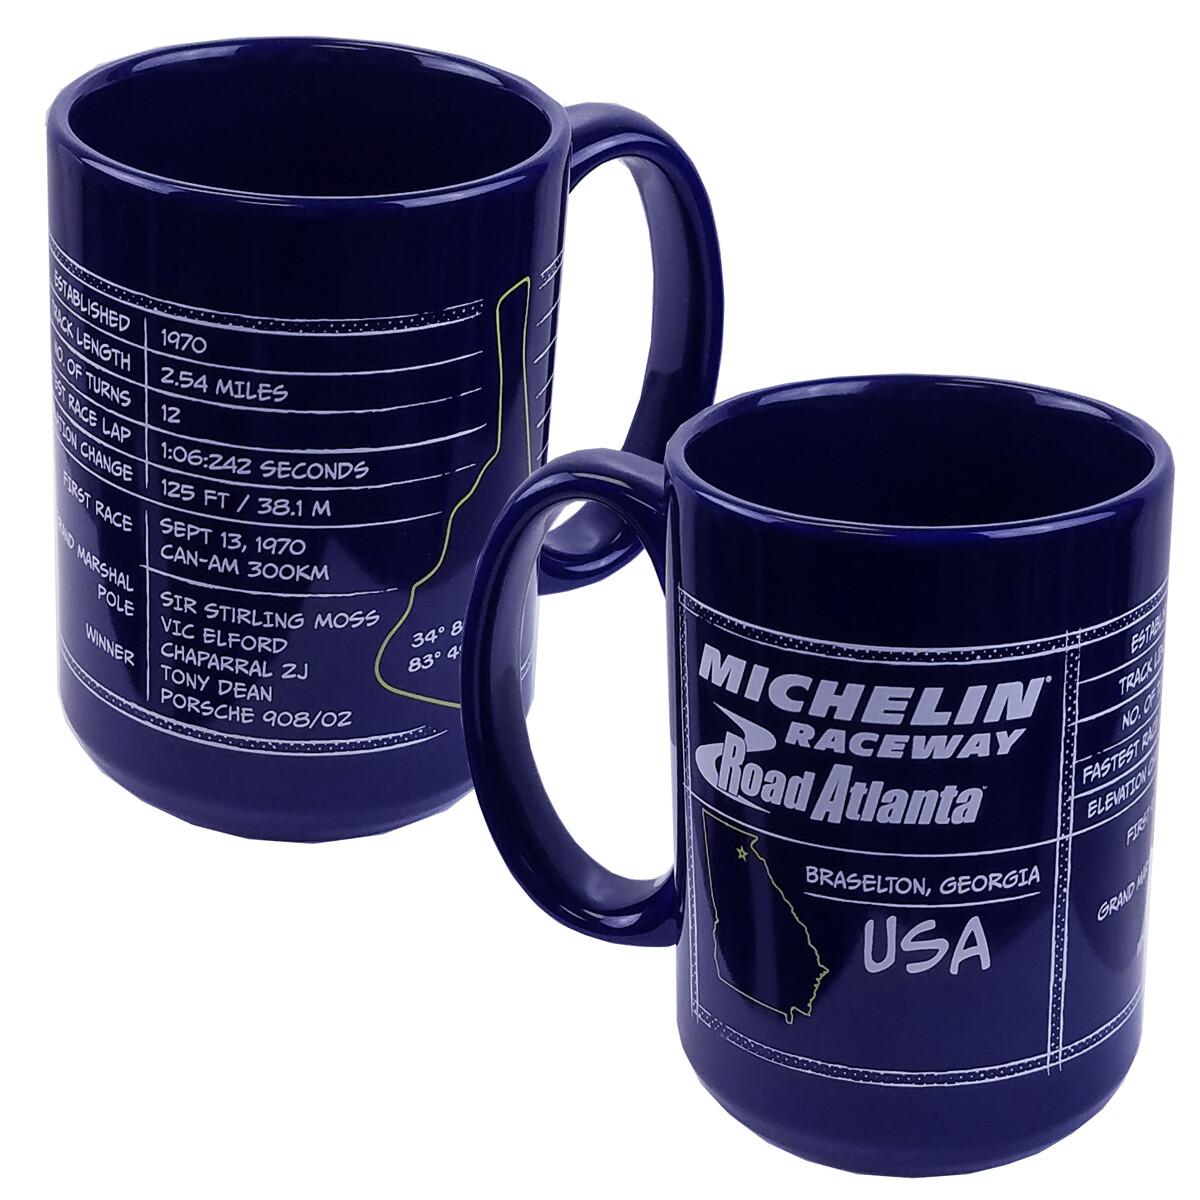 Michelin Raceway Road Atlanta Coffee Mug - Blue - 15 oz.